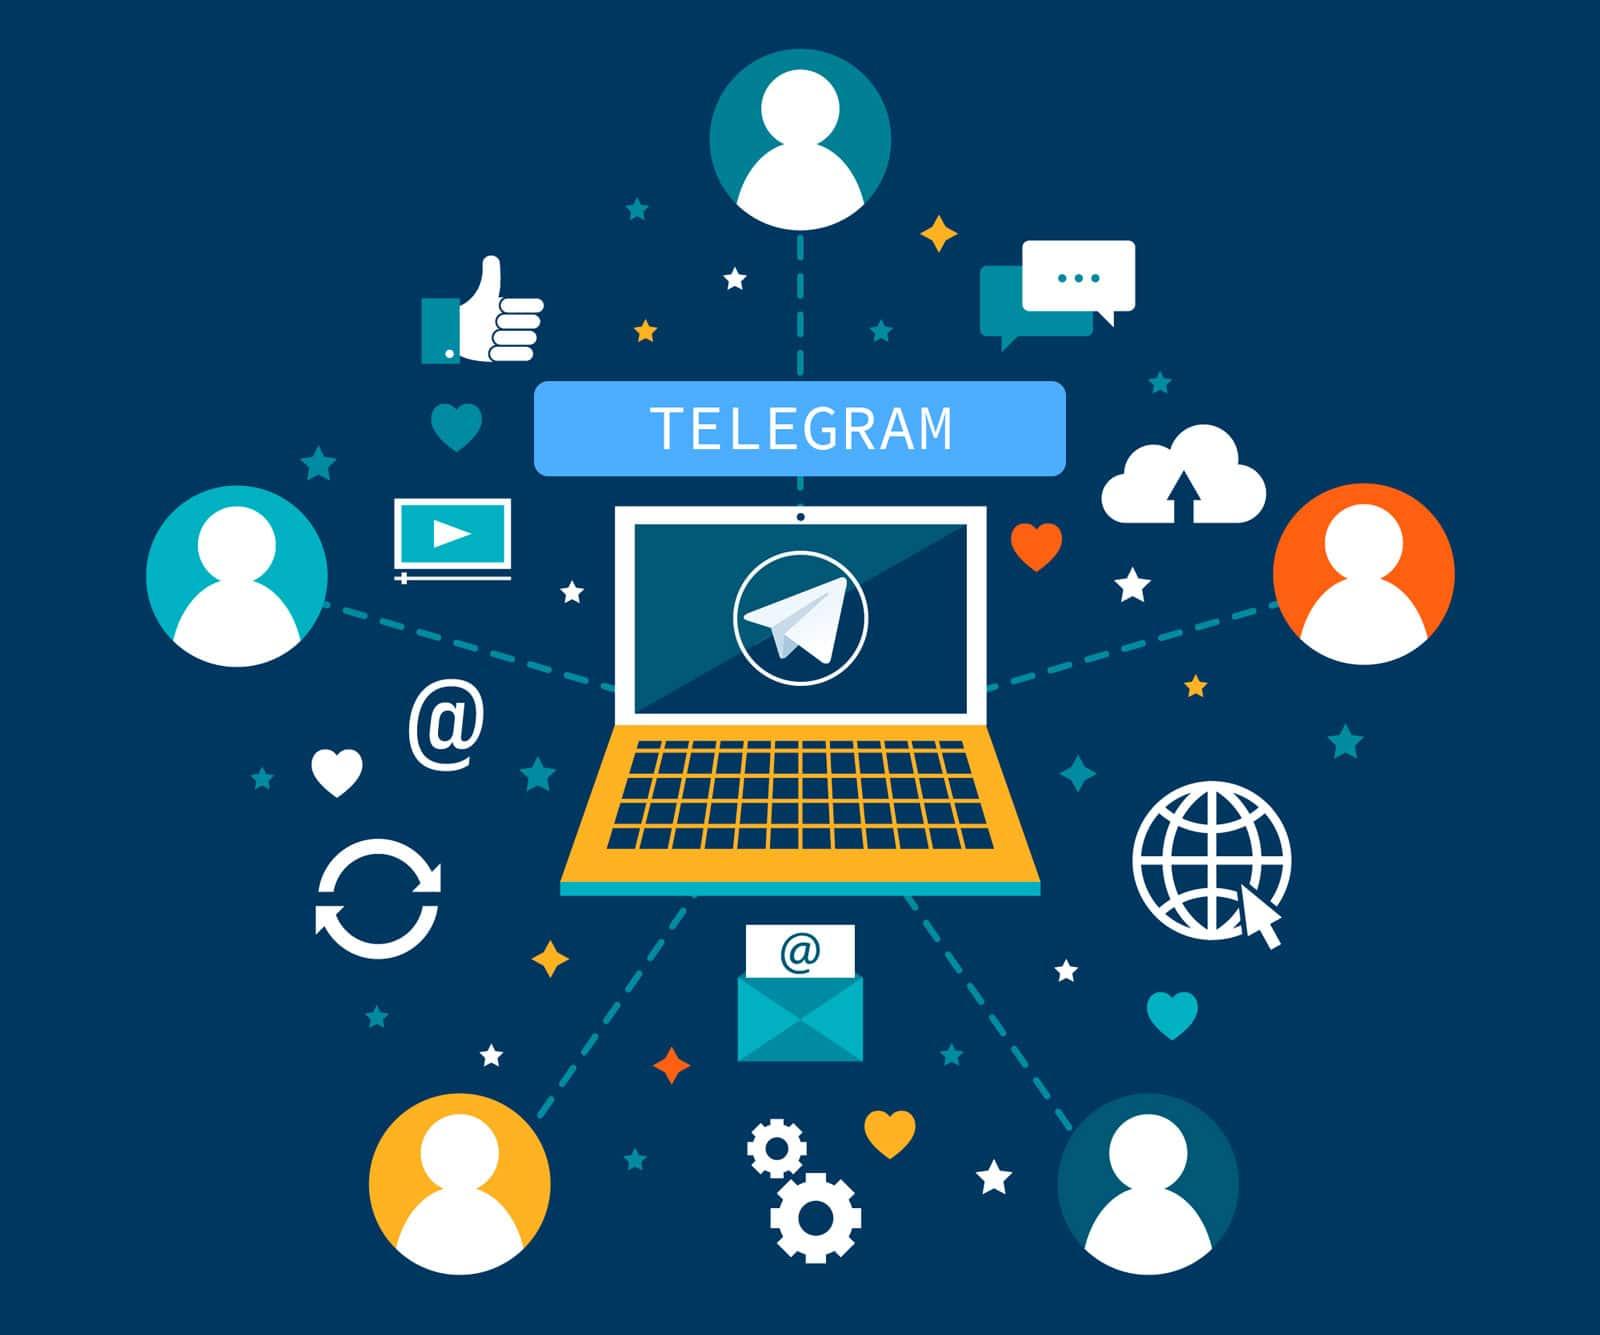 برای دیجیتال مارکتینگ شاید شما نیازی به استخدام افراد نداشته باشید بلکه با استفاده از نصب نرم افزار ها به کسب و کار خود توسعه ببخشید